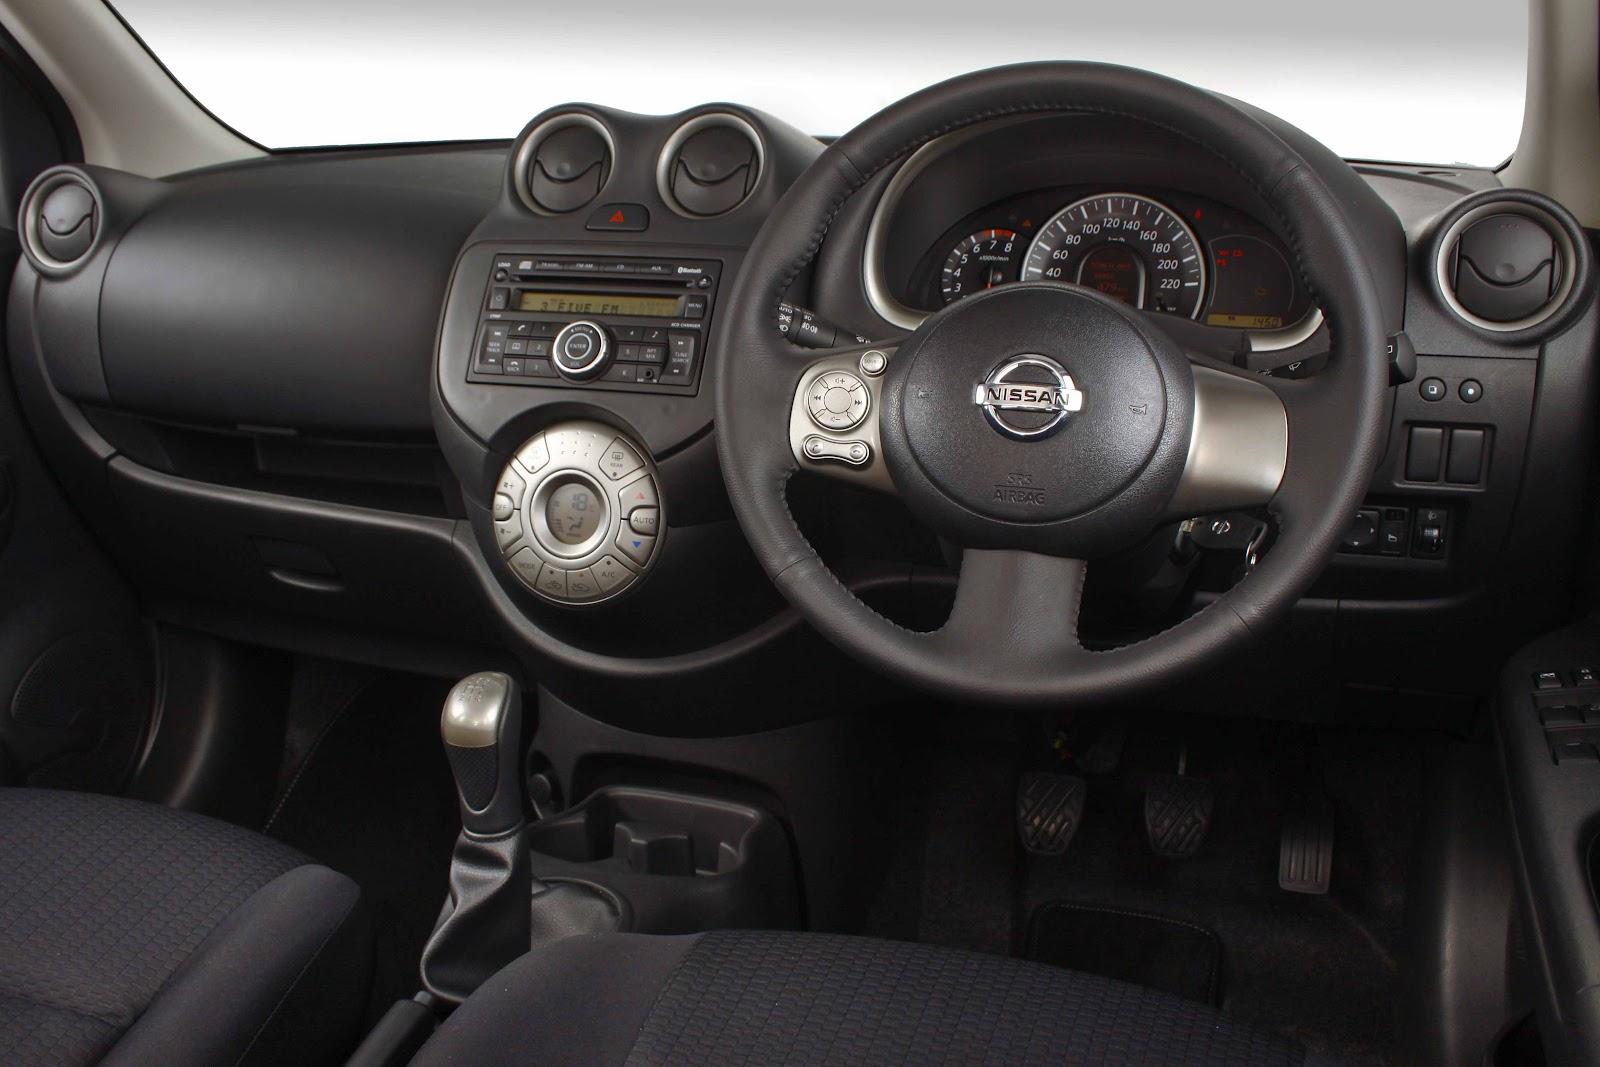 voitures et automobiles la nouvelle nissan micra 2012. Black Bedroom Furniture Sets. Home Design Ideas